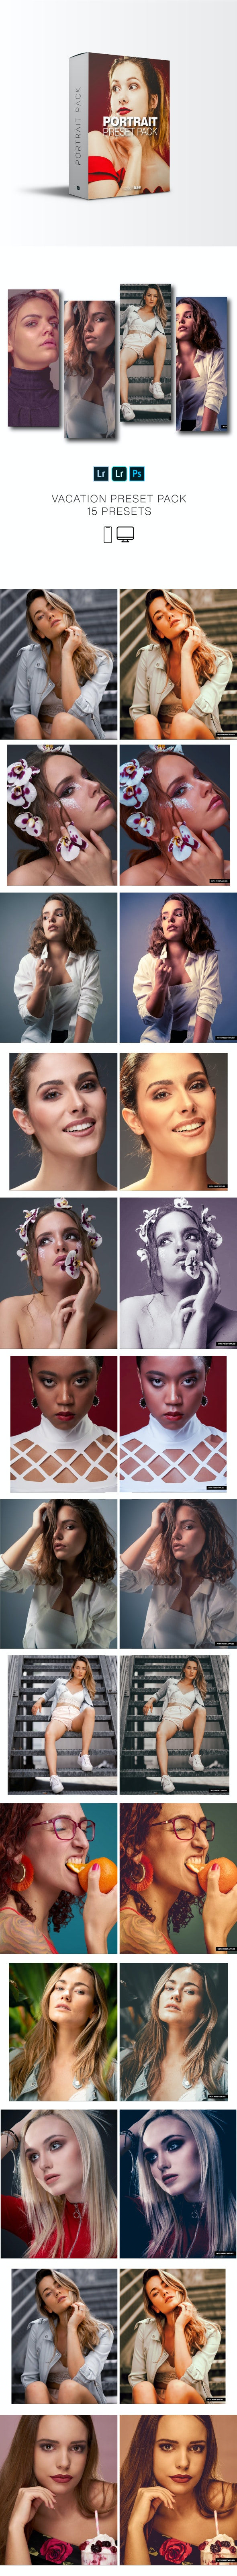 Pro Portrait Lightroom Presets (Mobile and Desktop) - Portrait Lightroom Presets